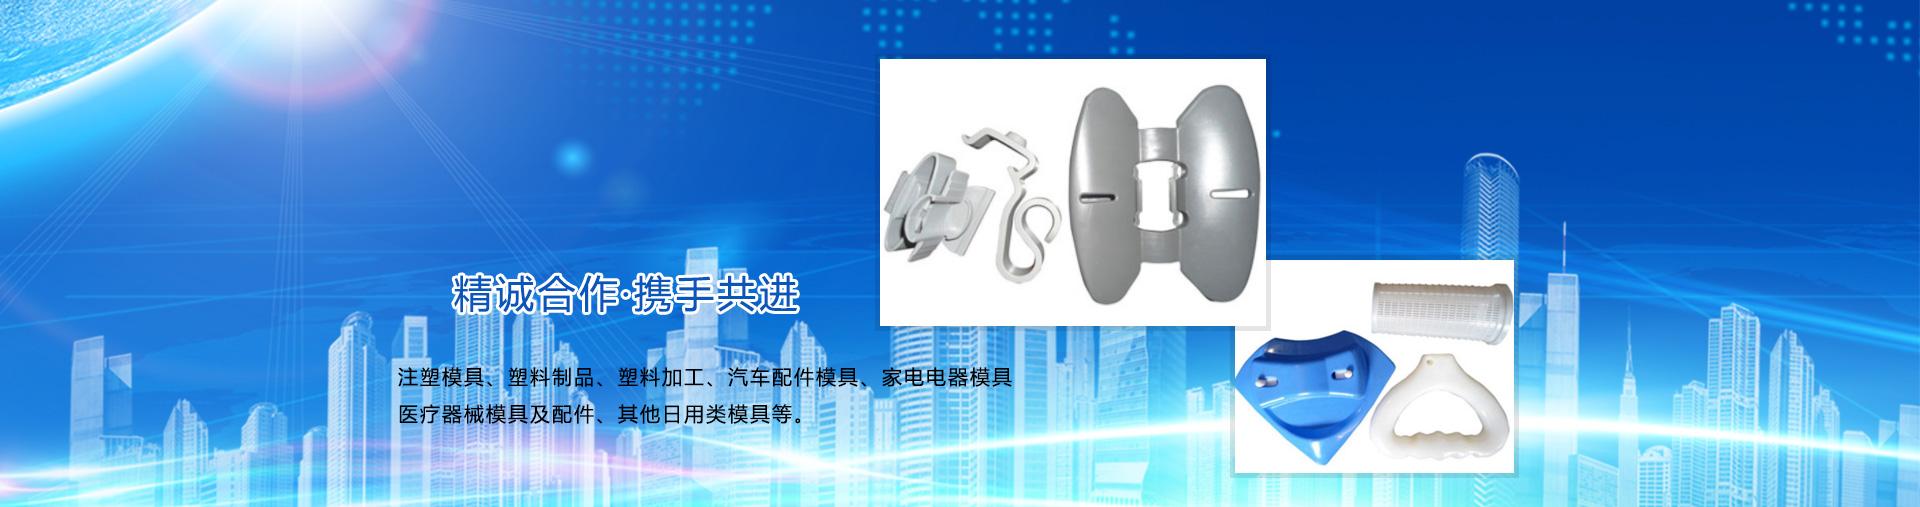 石家庄华宇塑料模具